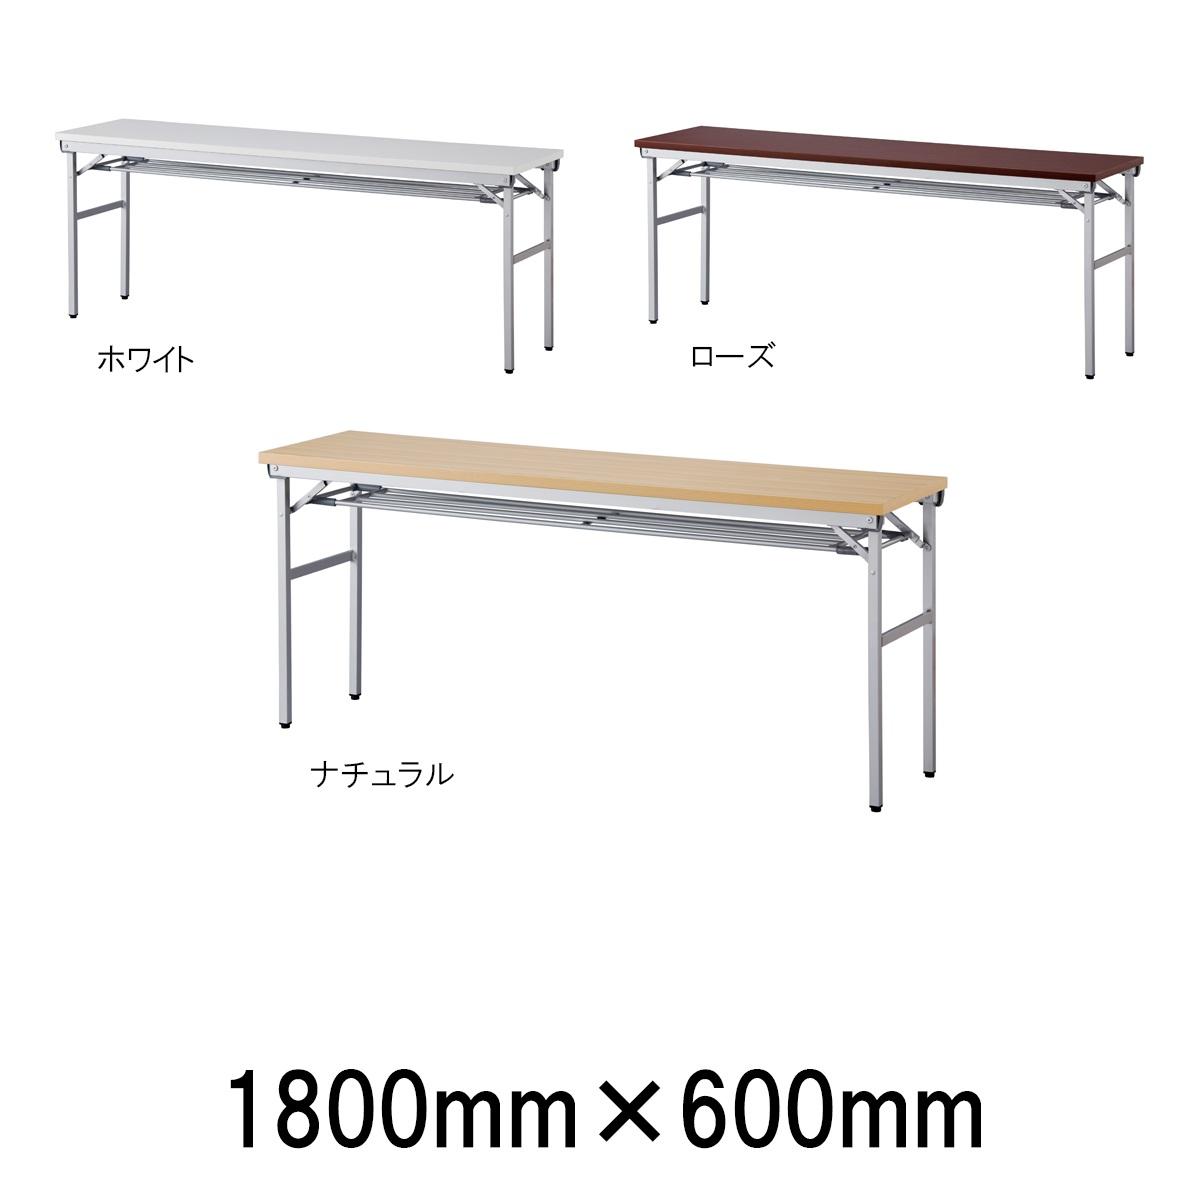 会議用テーブル 折りたたみ W1800 D600 H700 棚付き | I-OTNK-1860T